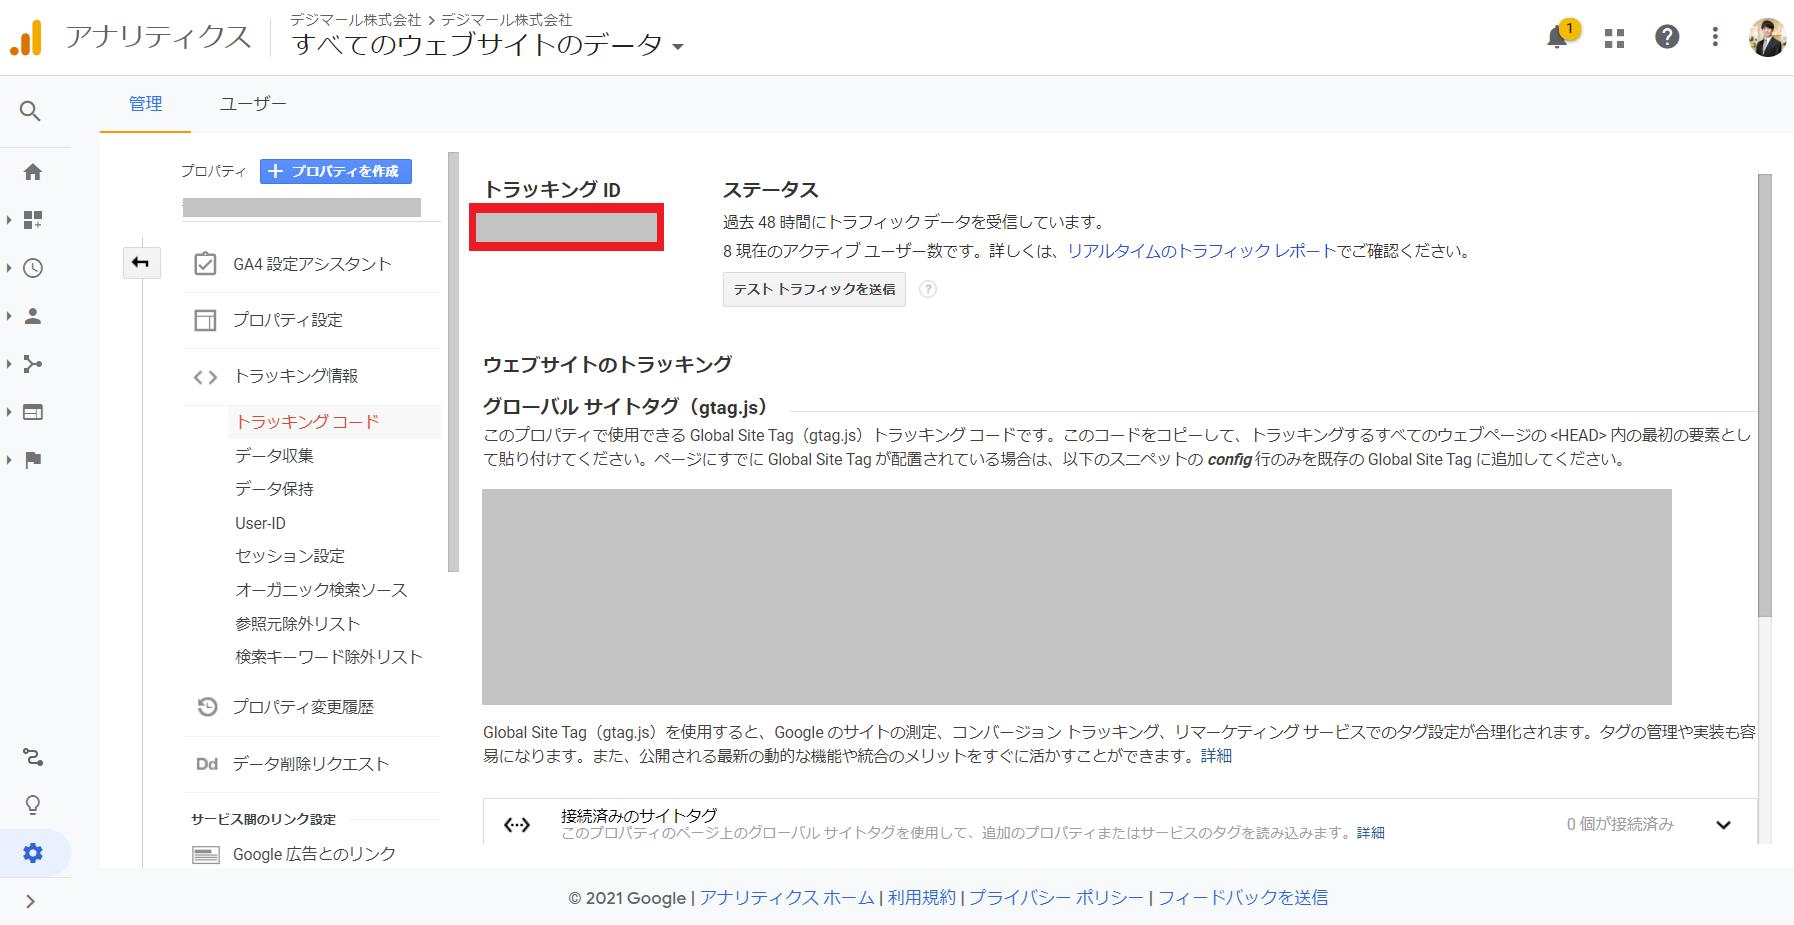 GoogleアナリティクスのトラッキングID